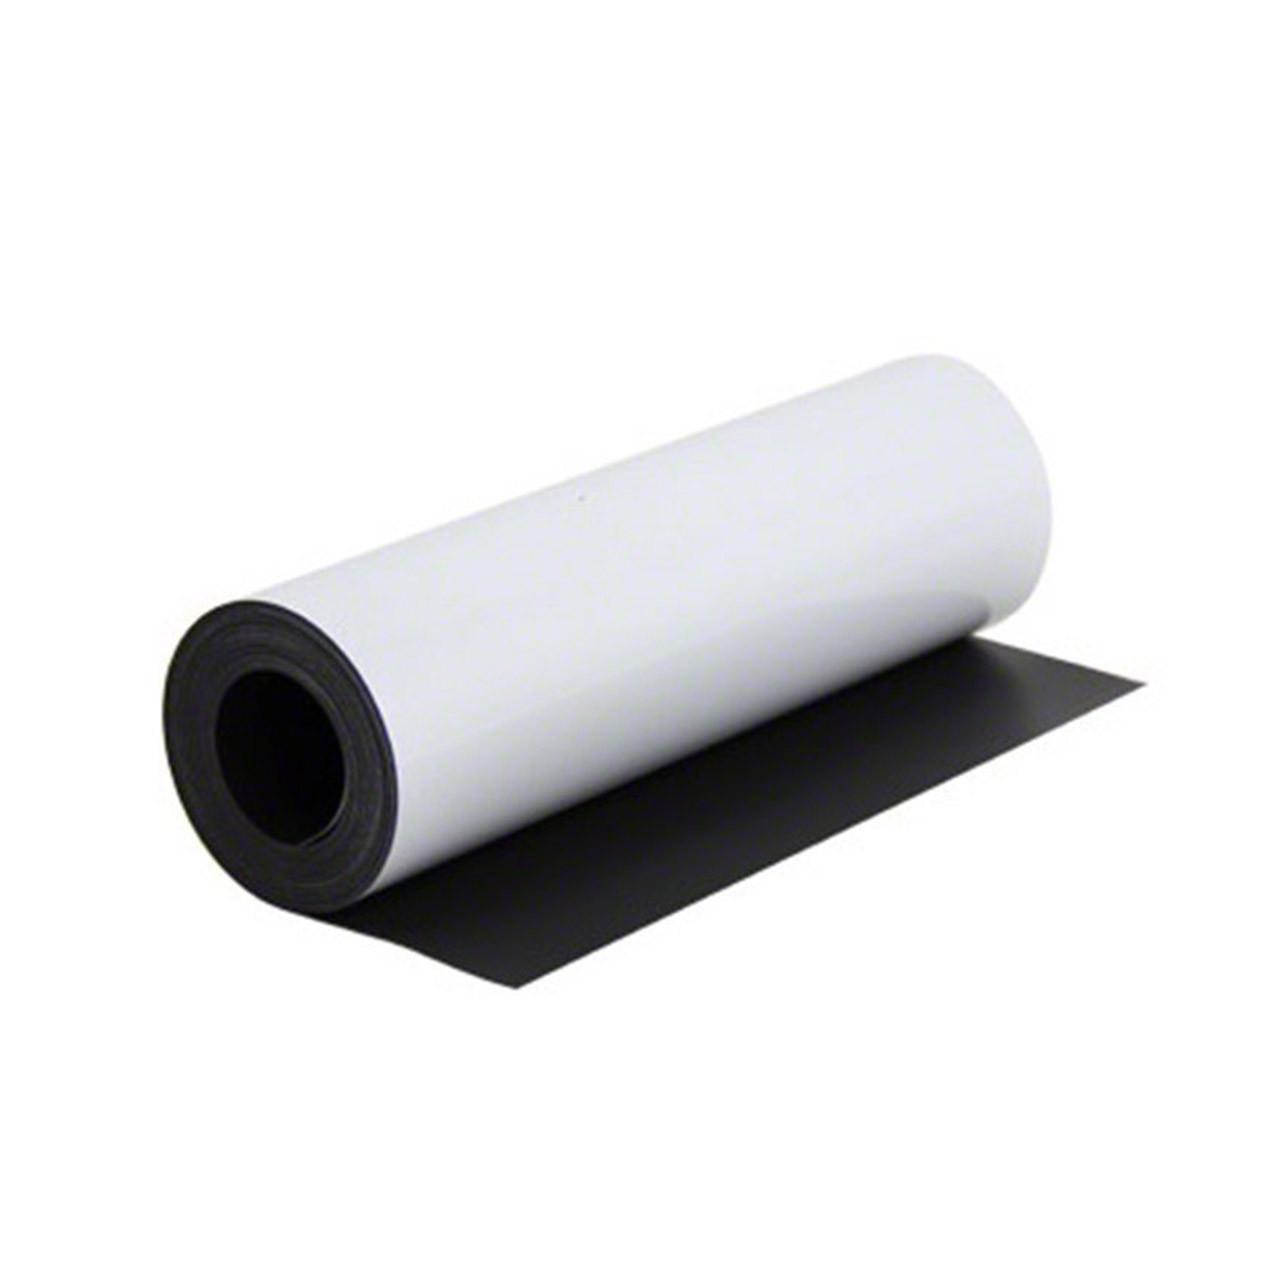 Plastico para invernadero doblecara negro/blanco calibre 6